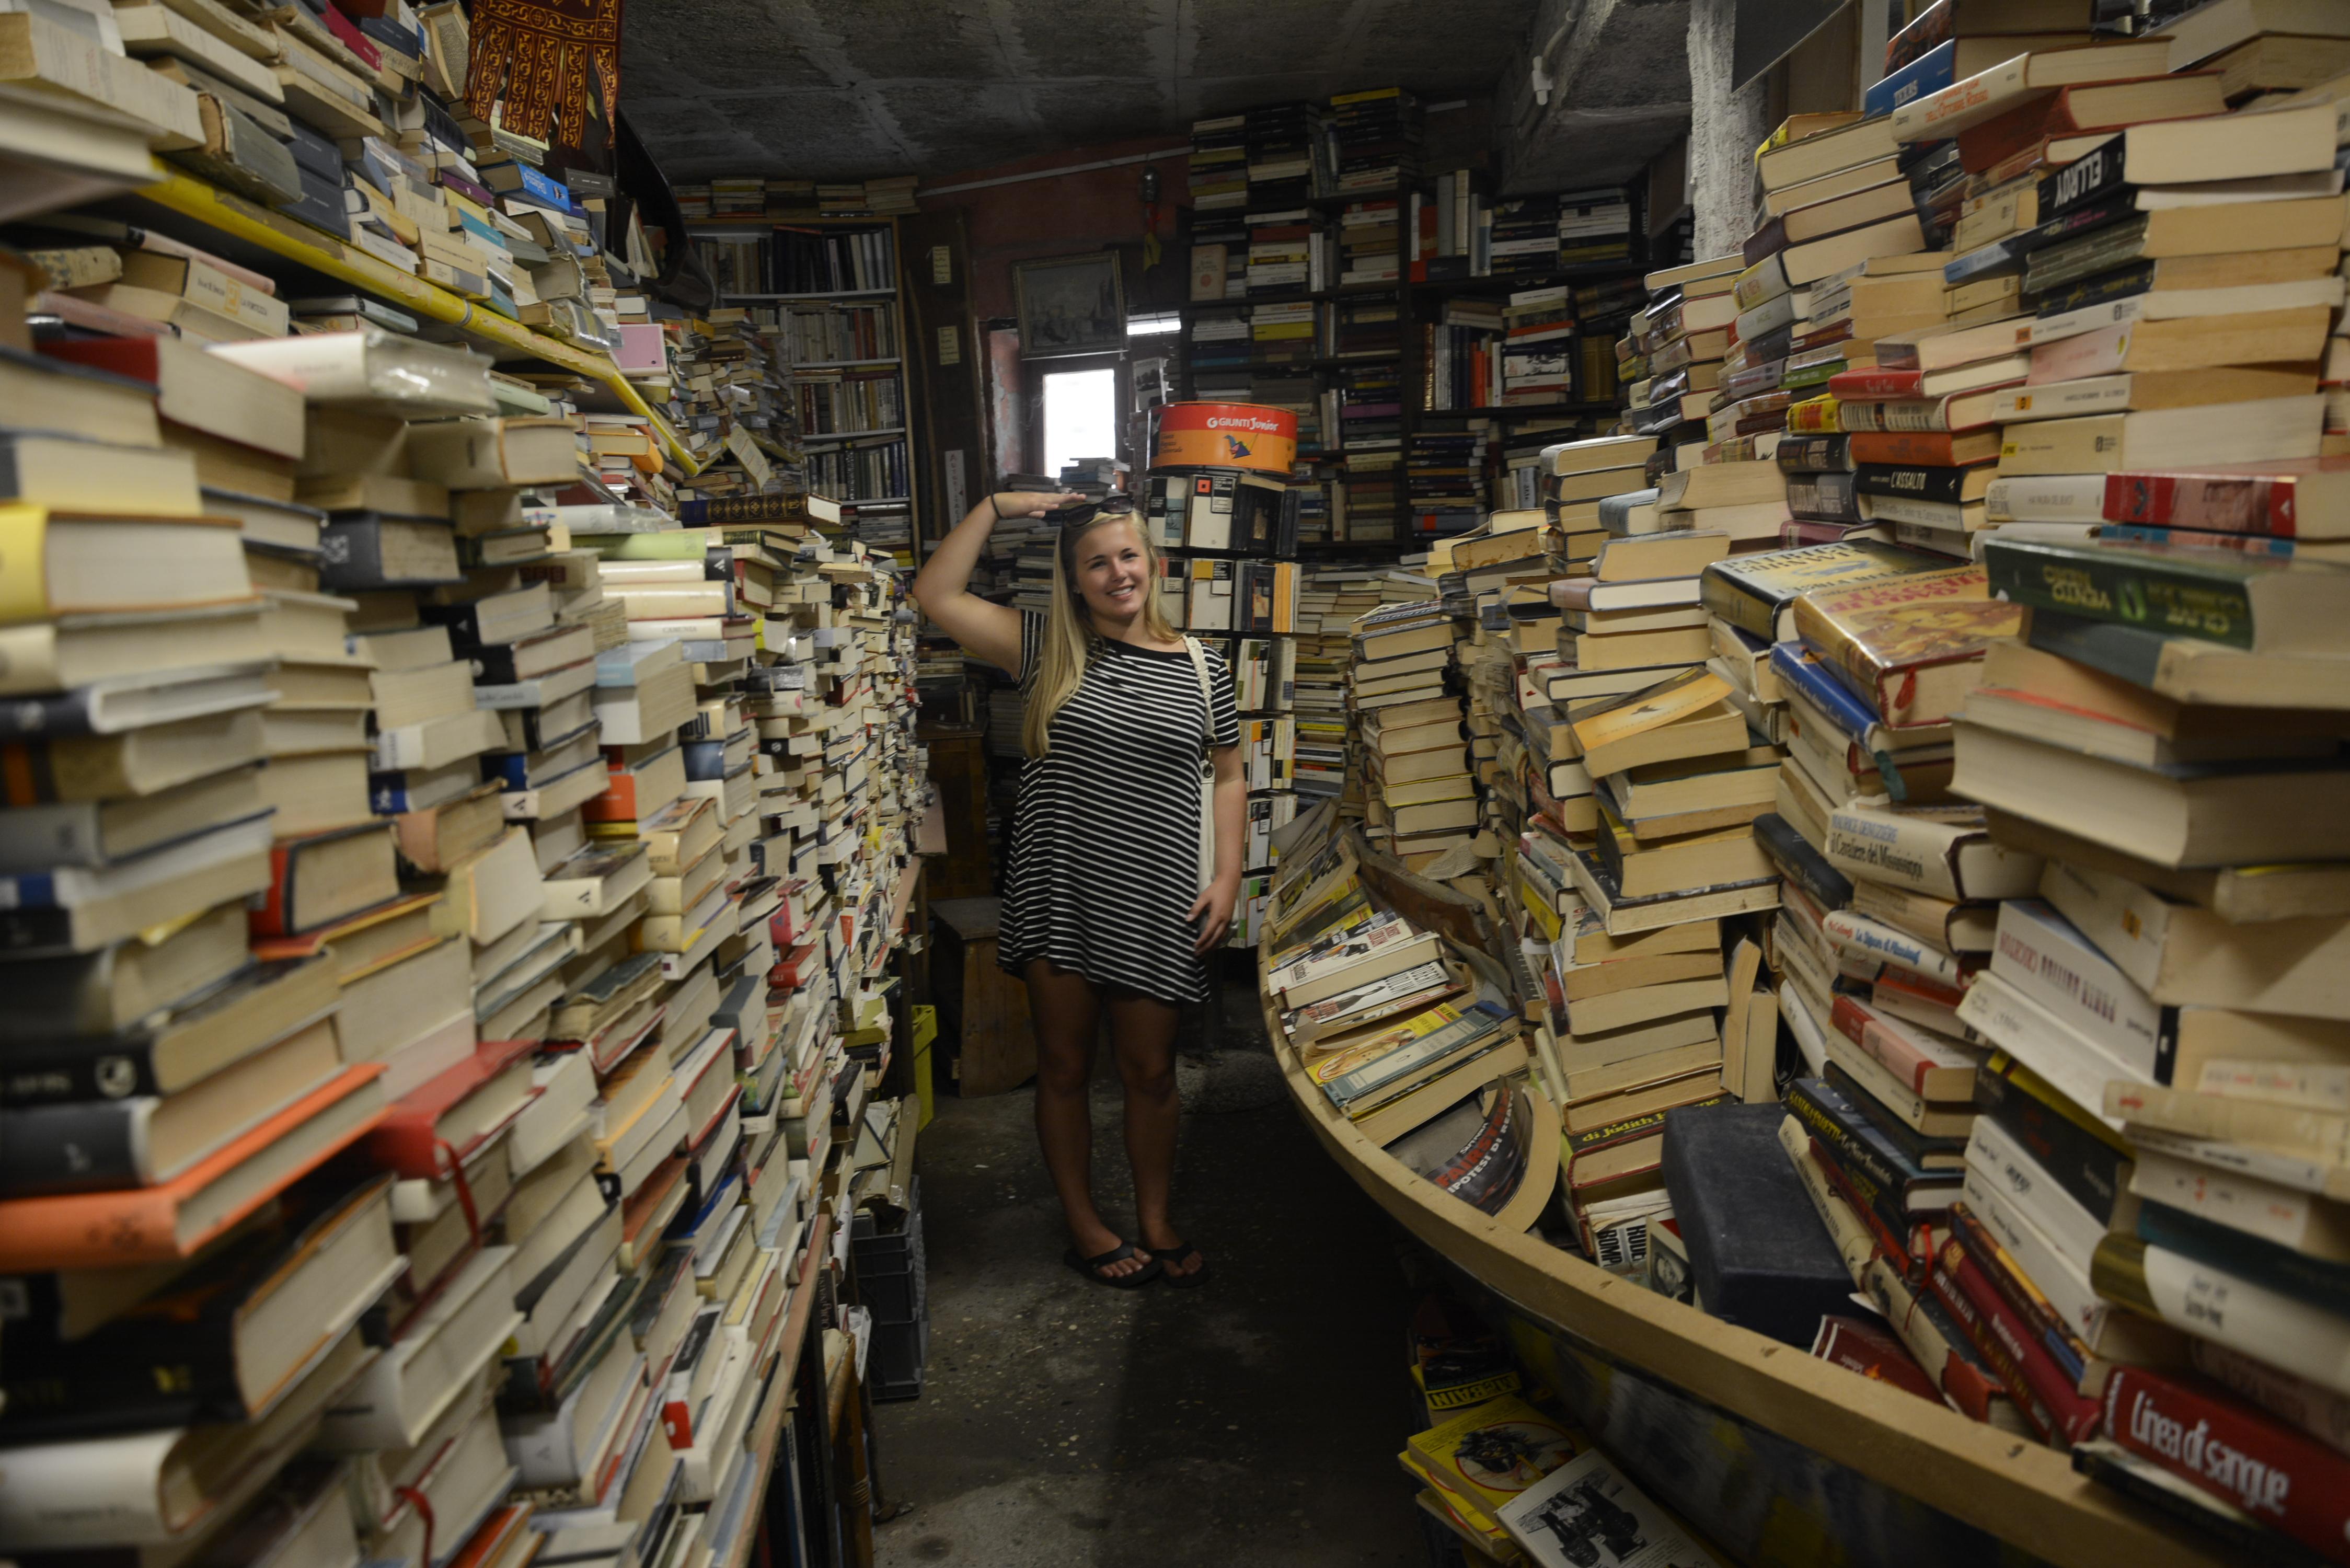 acqua alta books piled to the ceiling